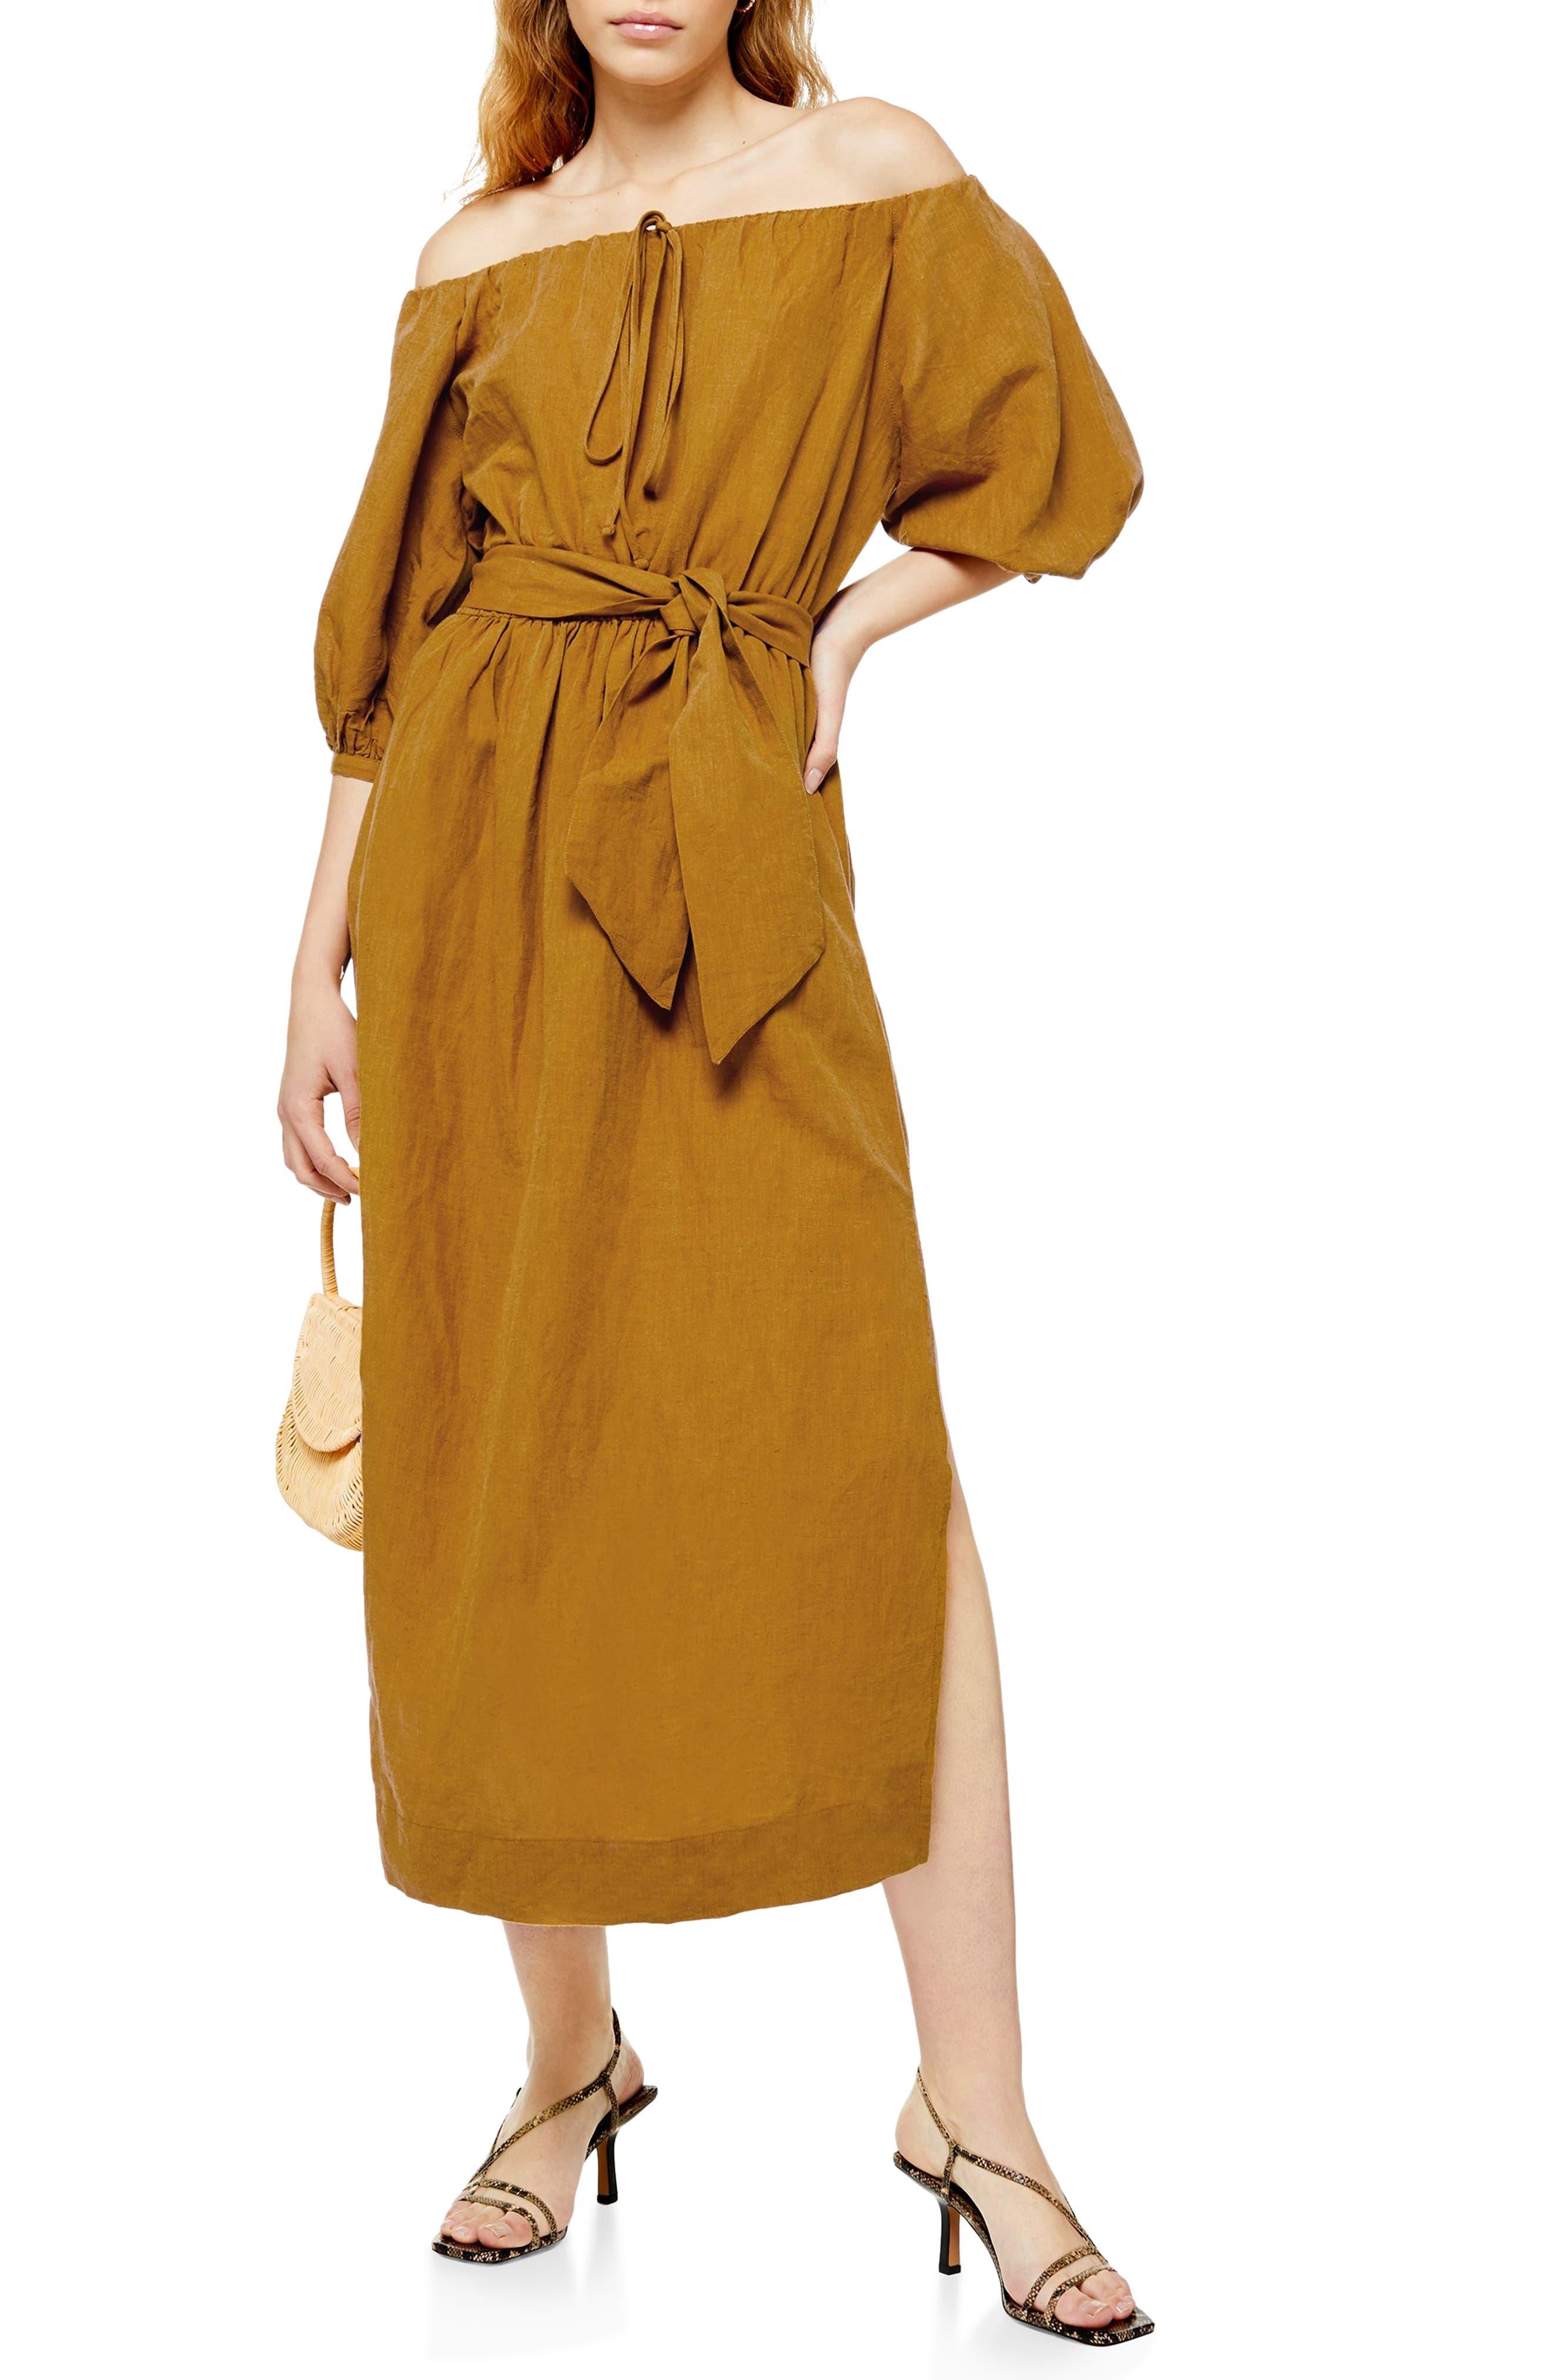 Topshop Off The Shoulder Midi Dress, US (fits like 10-12) - Beige